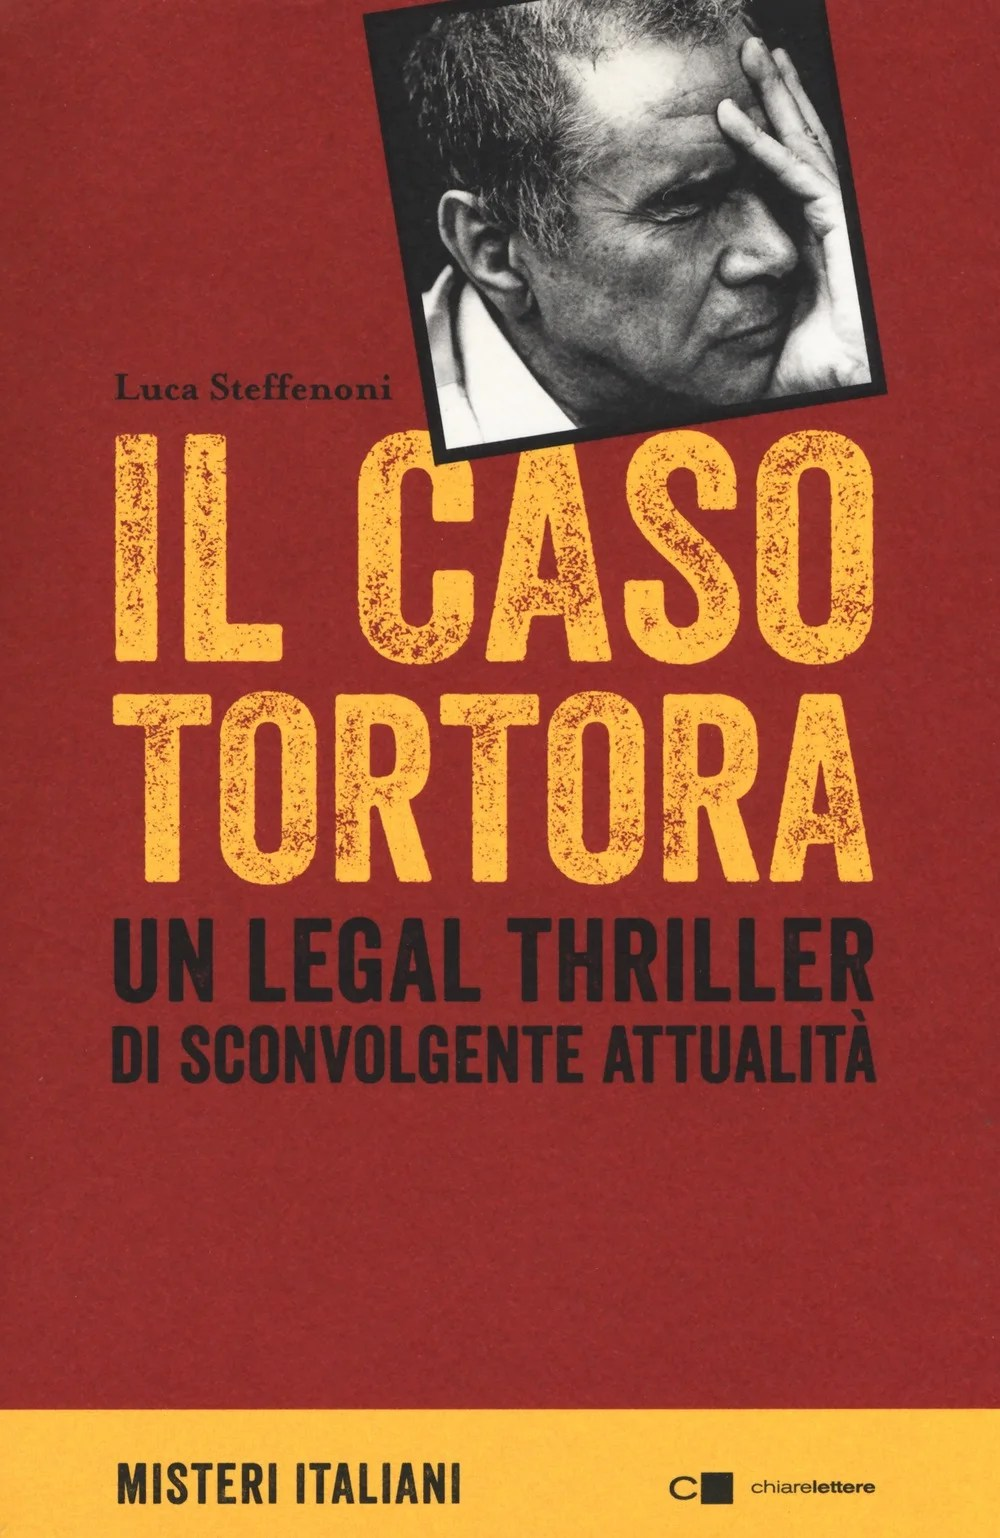 Recensione de Il Caso Tortora – Luca Steffenoni